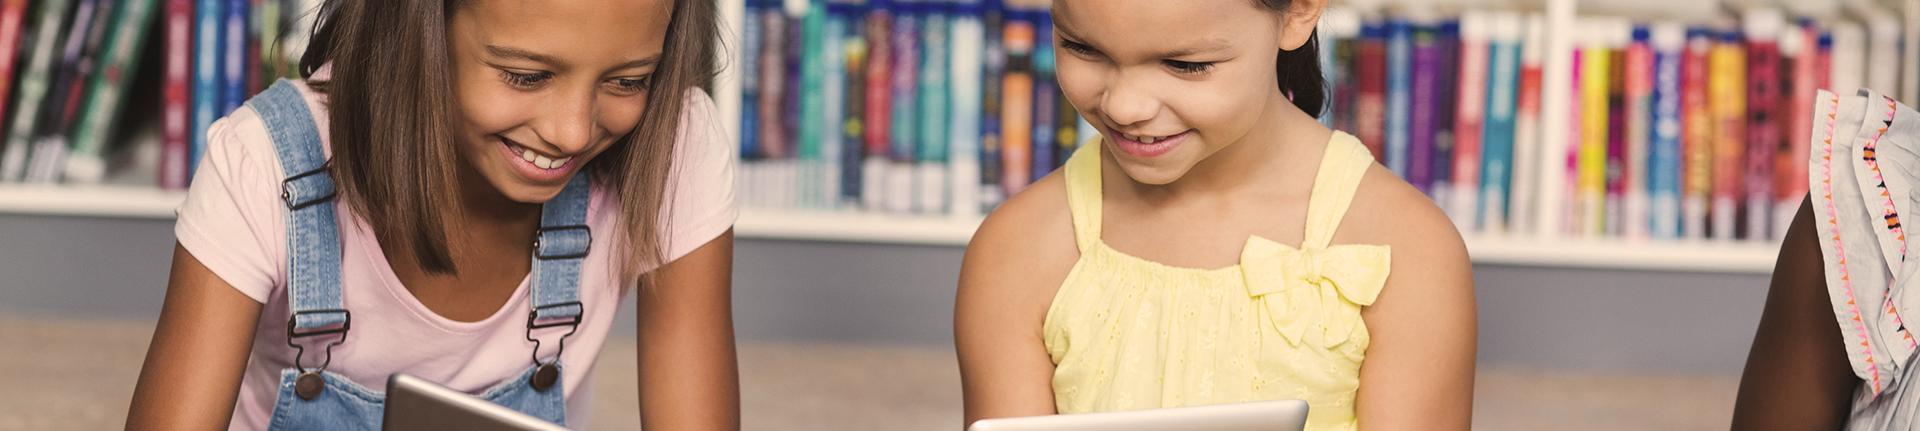 Pedagogia Montessoriana despertando o interesse pelo aprendizado